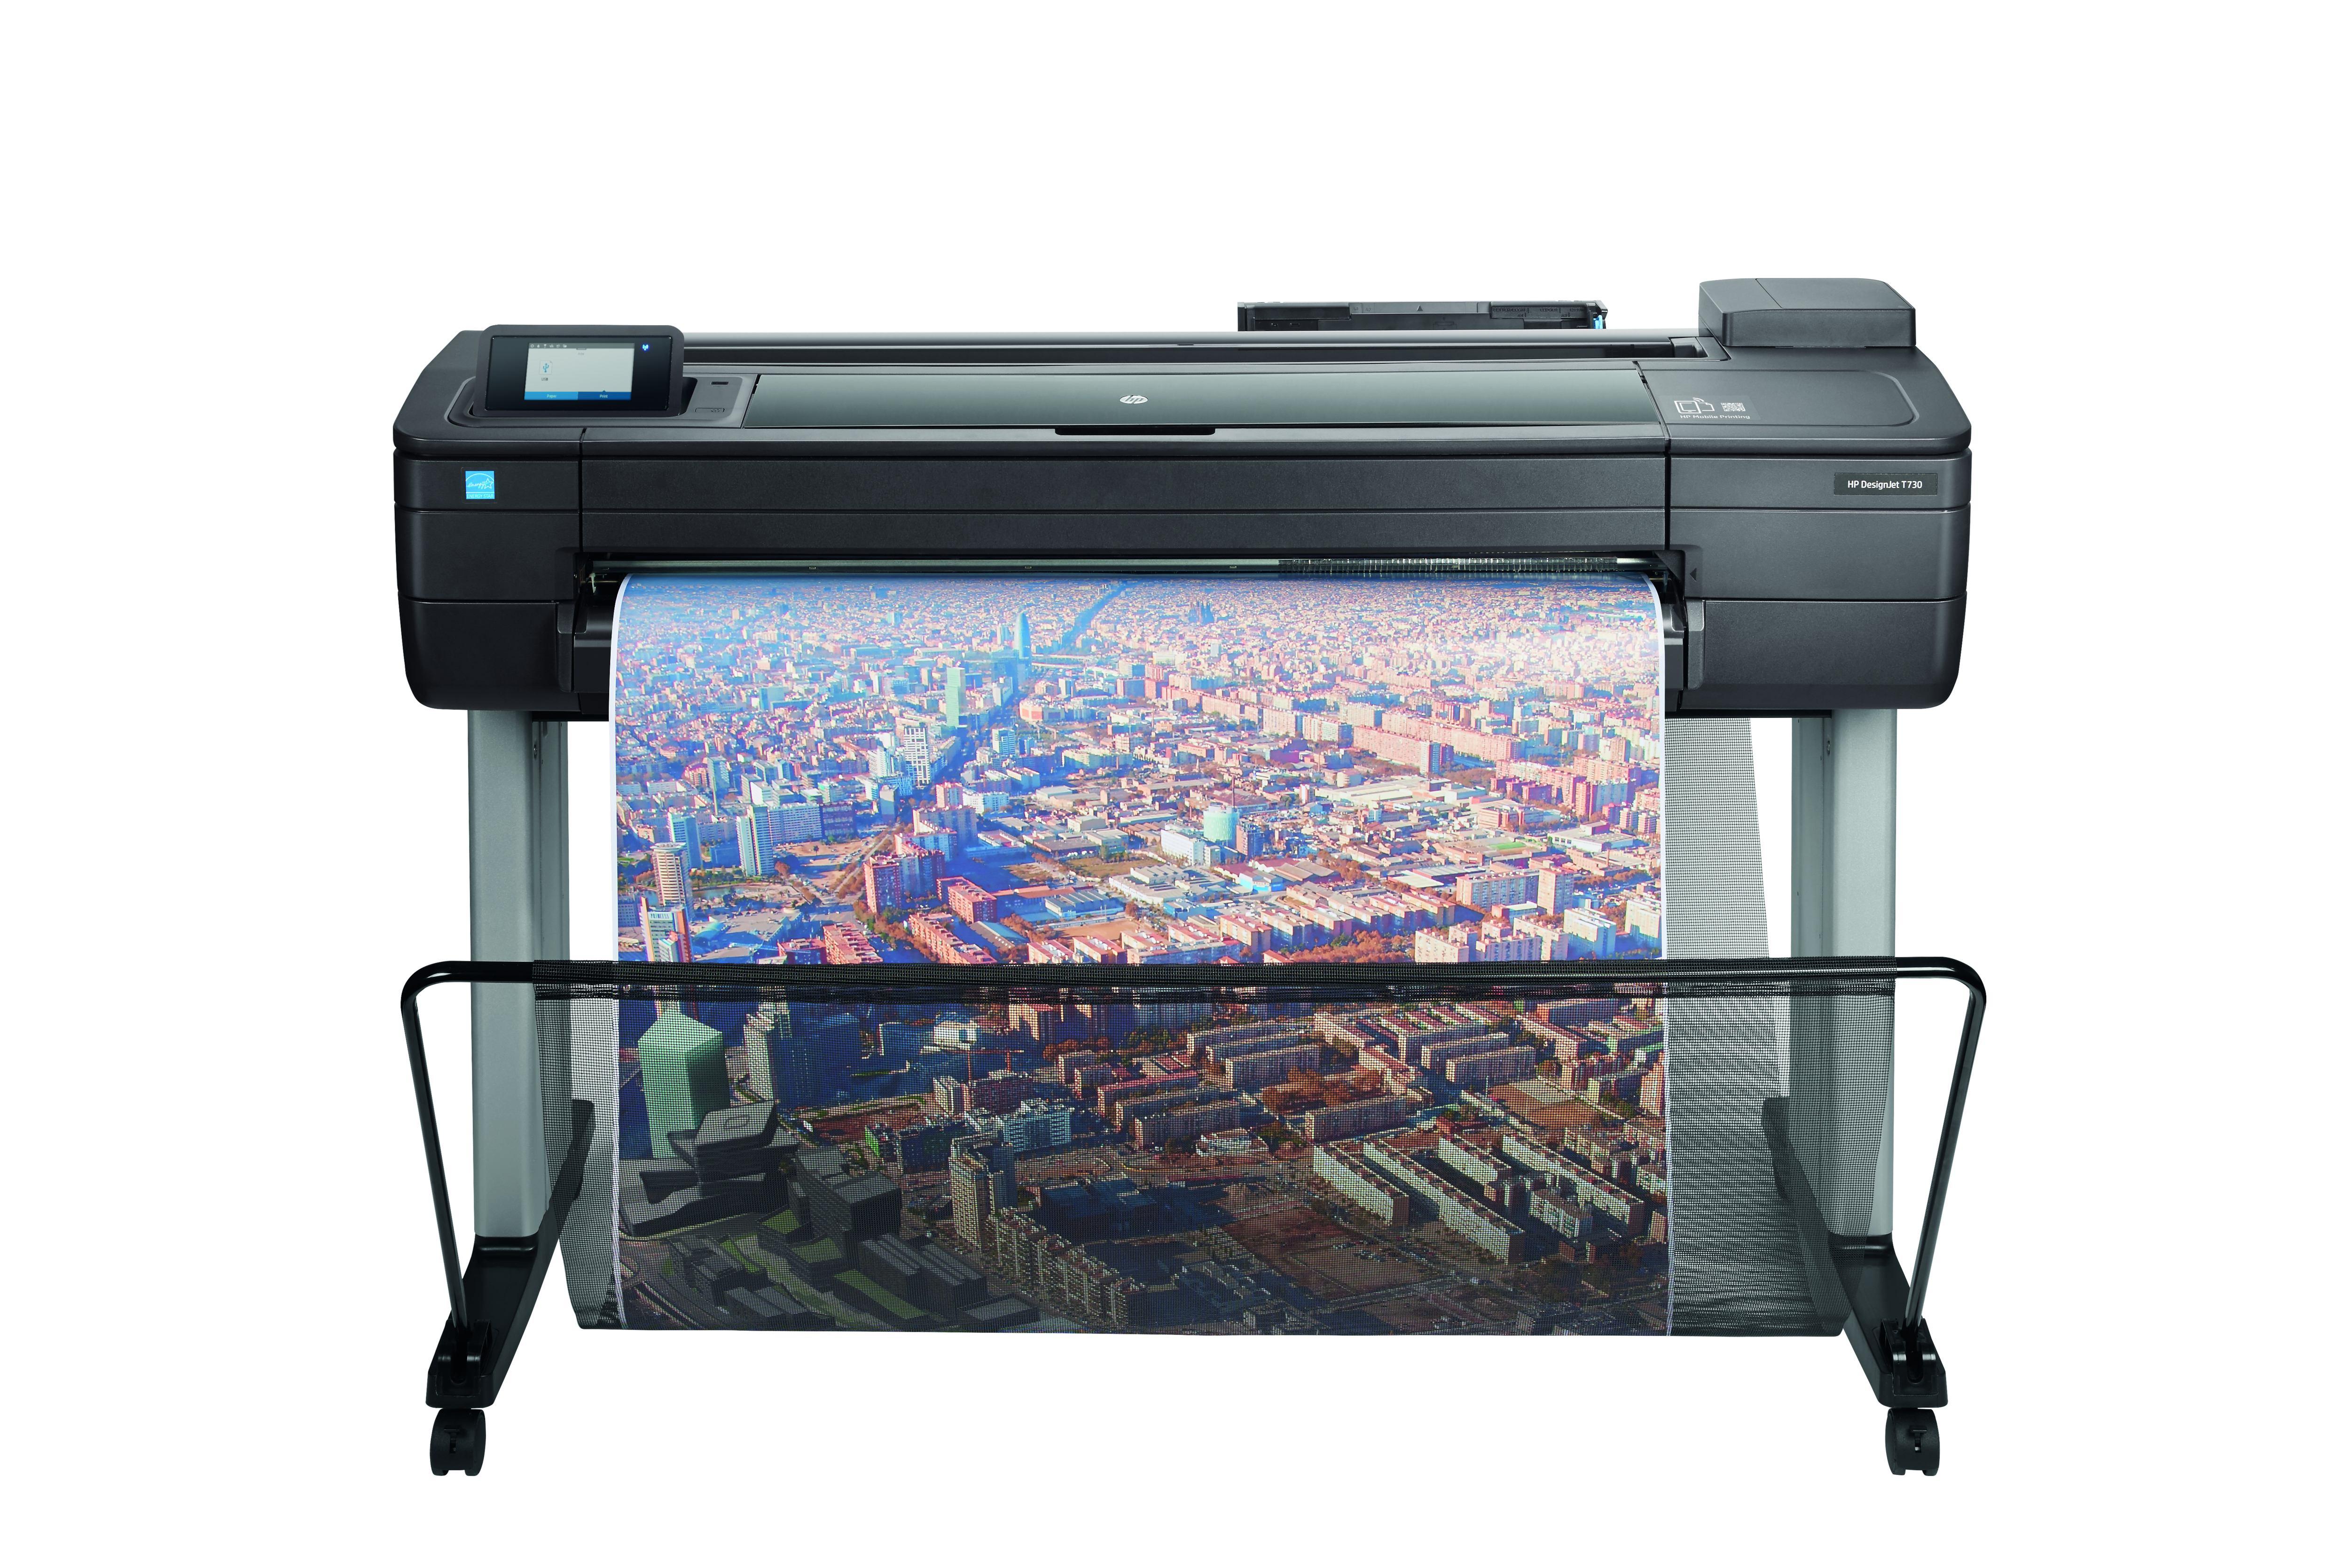 2465436-HP-Designjet-T730-stampante-grandi-formati-Getto-termico-d-039-inchiostro-Co